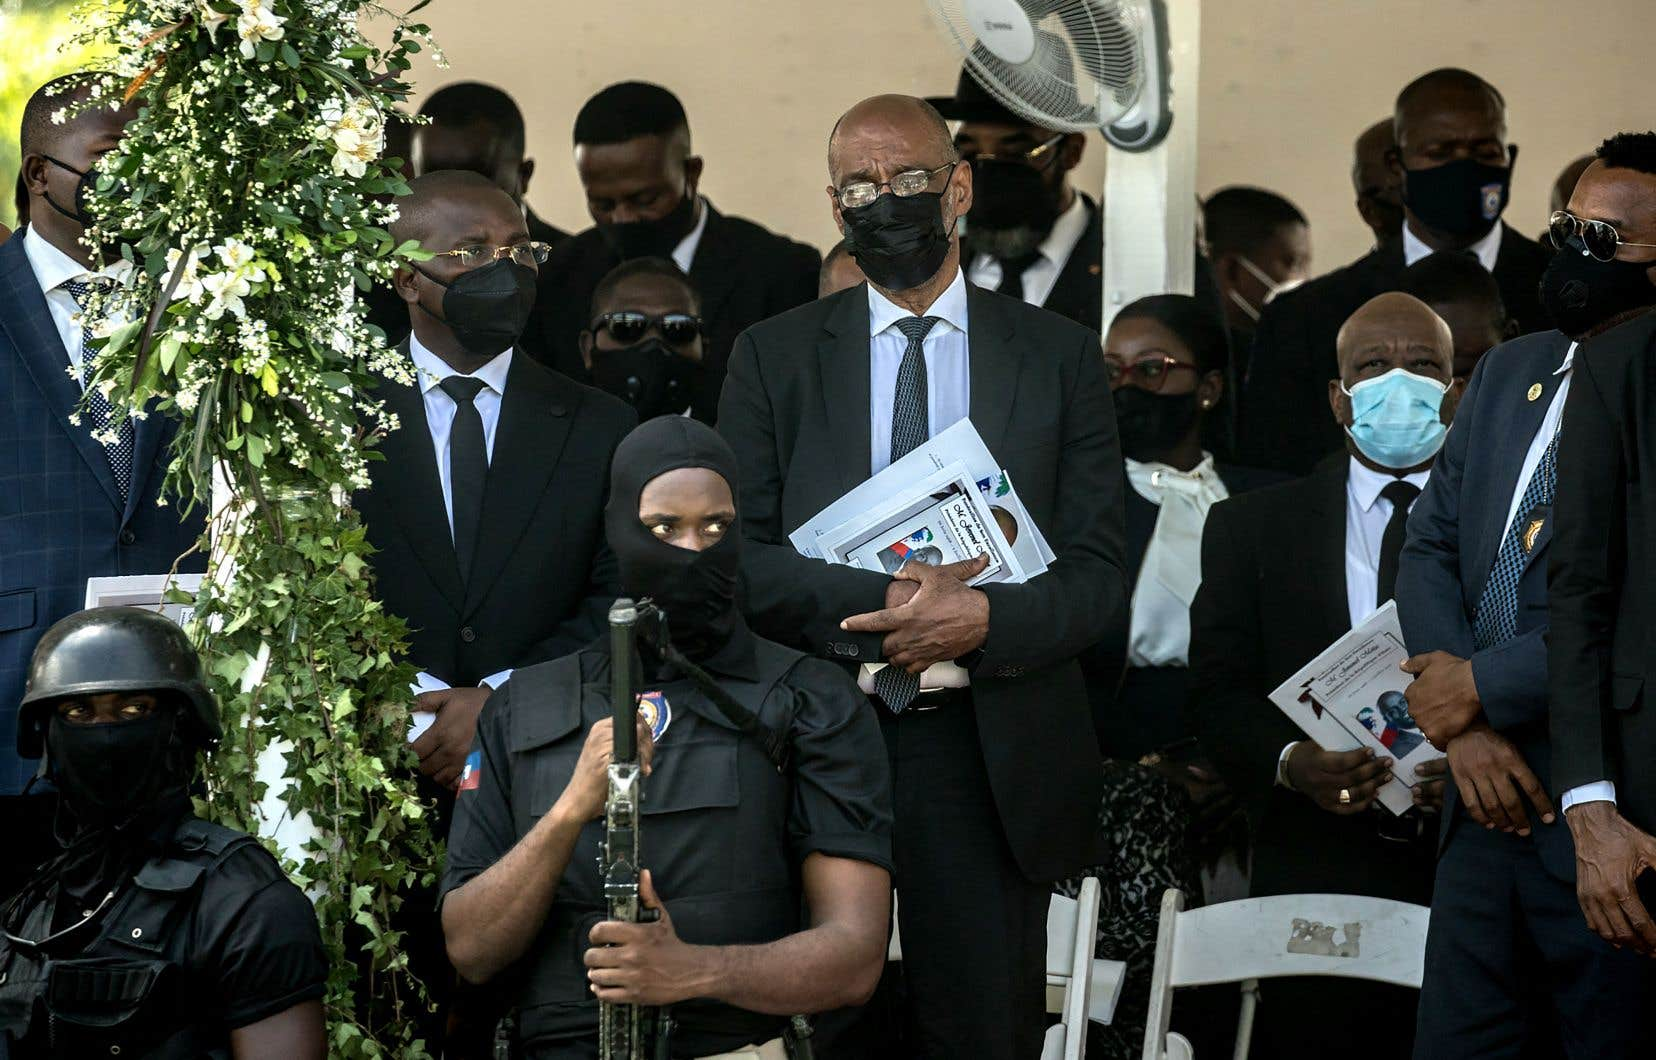 Le nouveau premier ministre d'Haïti, Ariel Henry, a promis de traduire en justice les assassins de Jovenel Moïse.